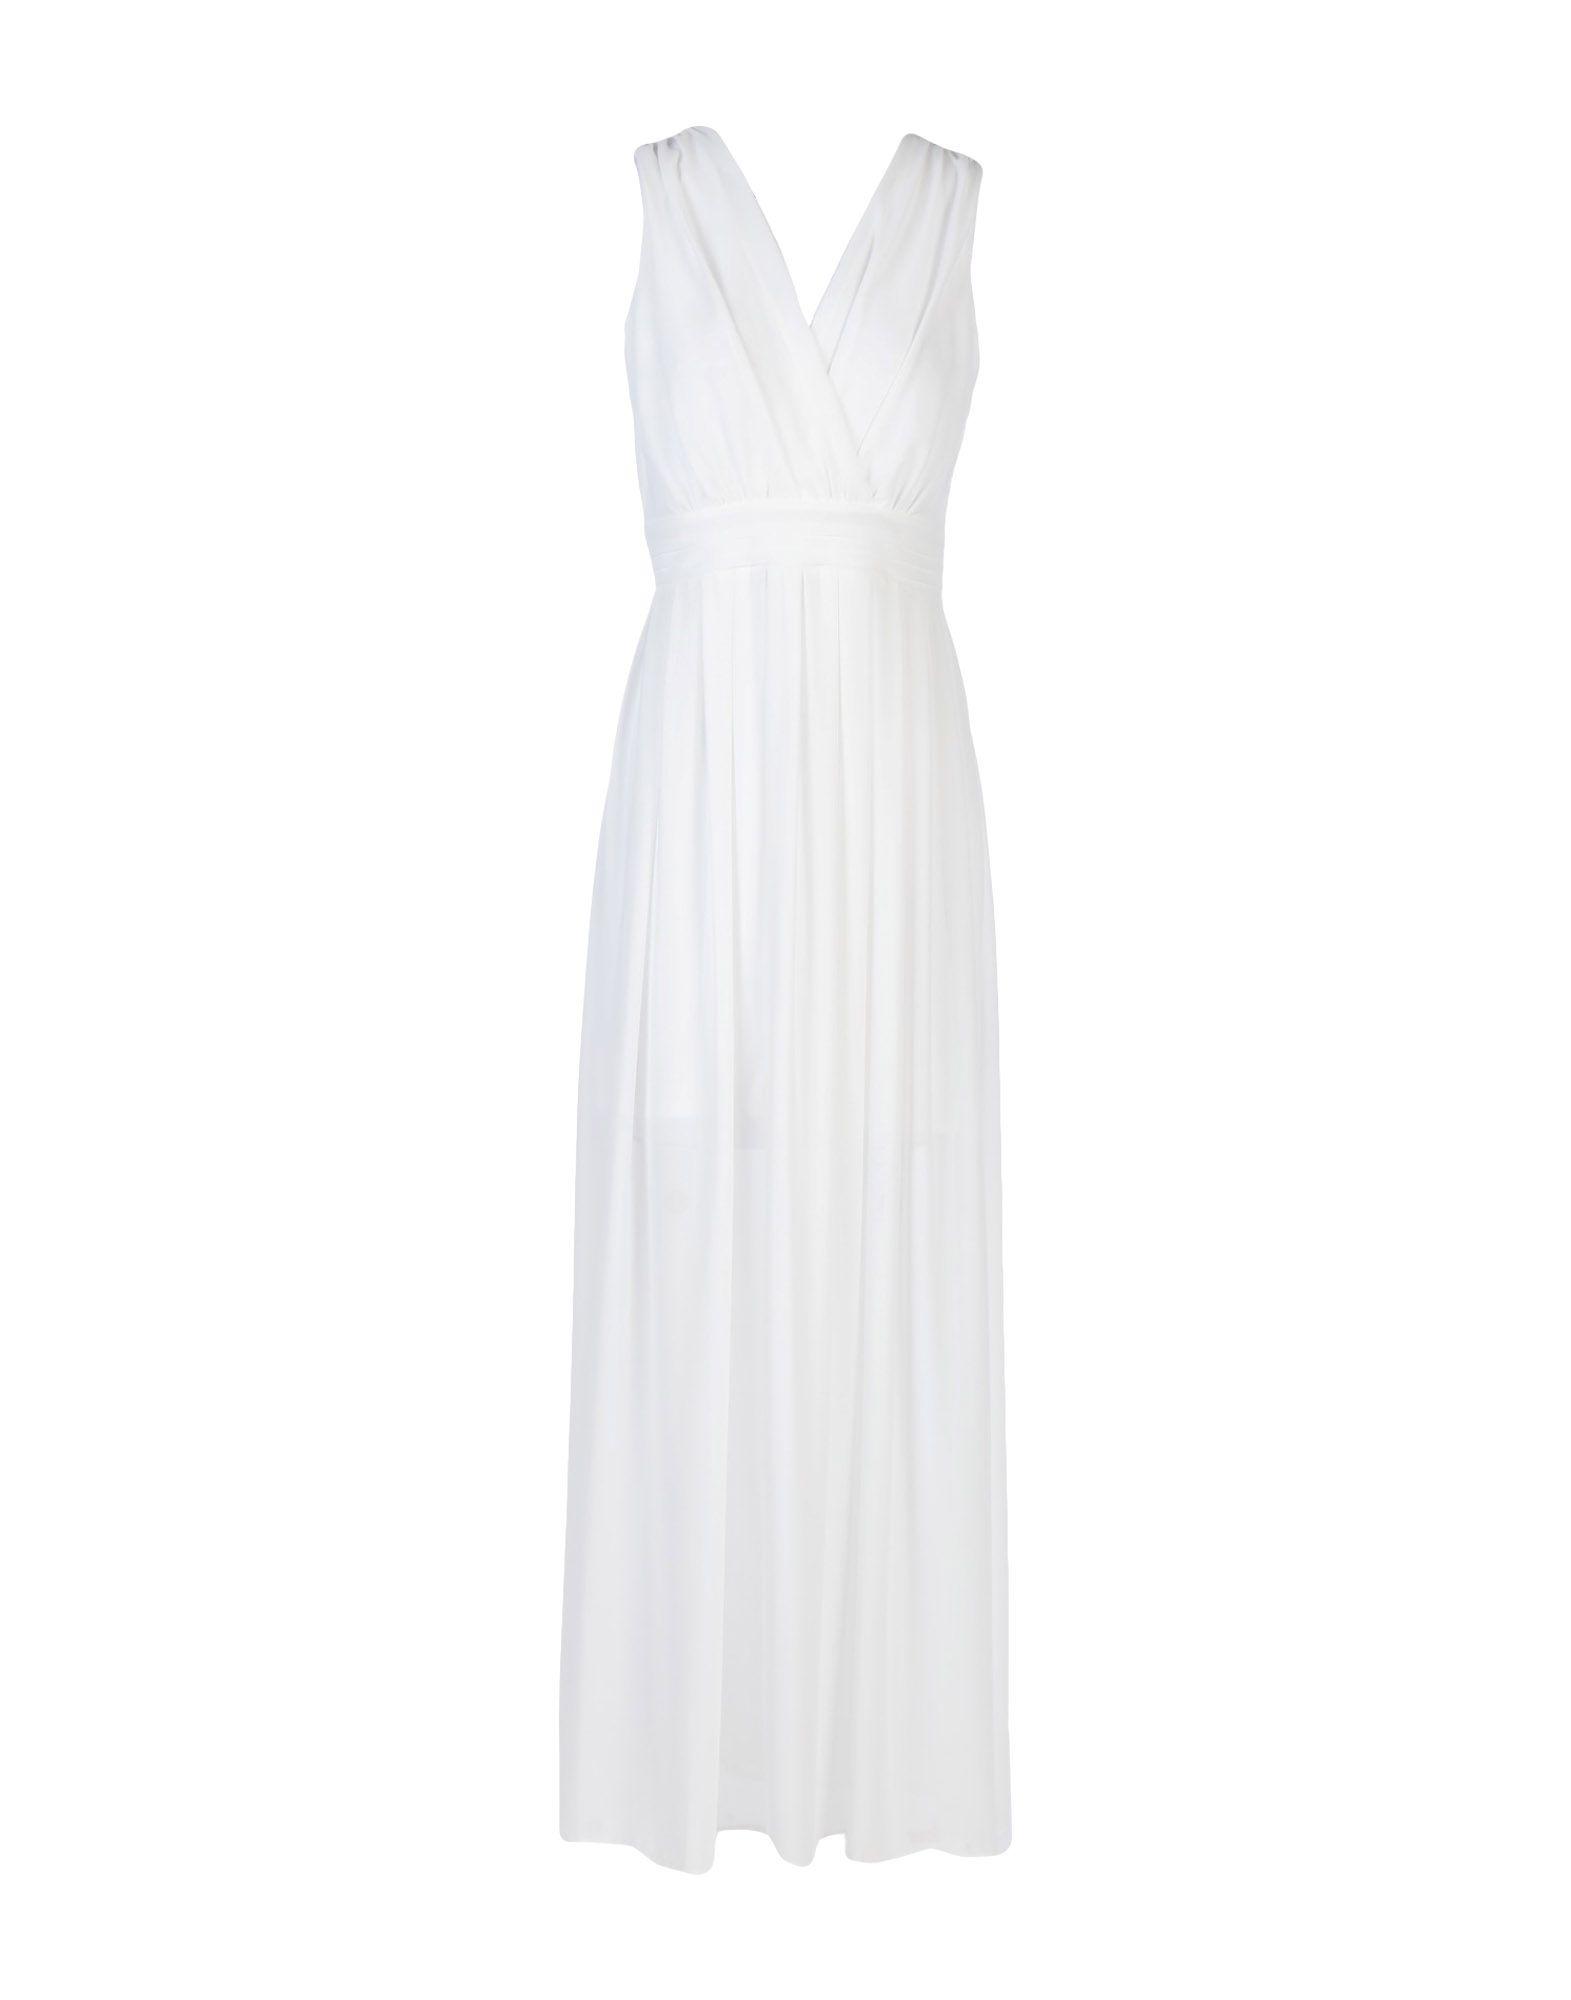 《送料無料》VICOLO レディース ロングワンピース&ドレス ホワイト S ポリエステル 100%